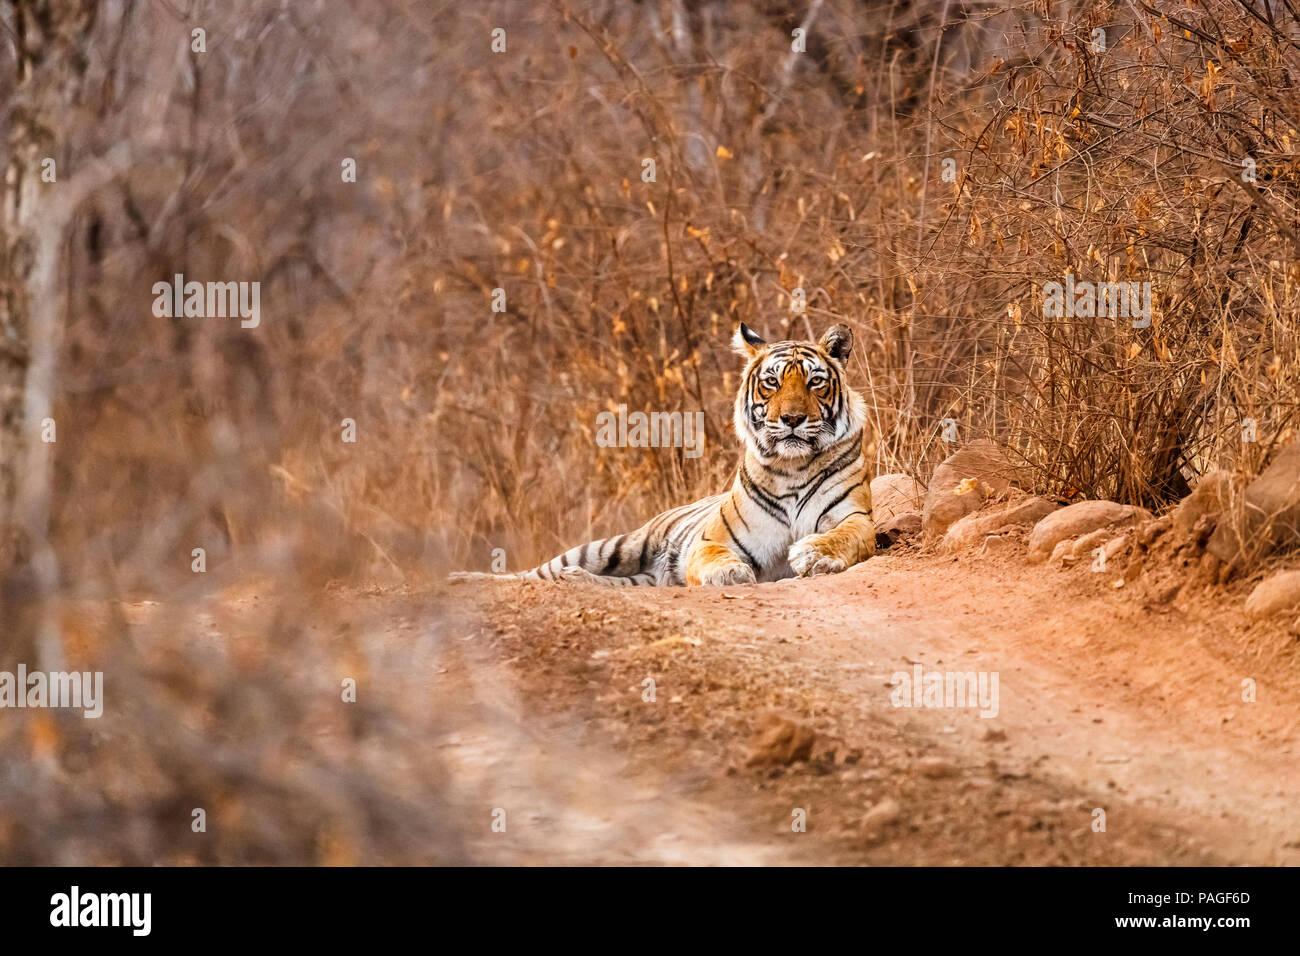 Vida salvaje india: Mujer tigre de Bengala (Panthera tigris) mentir alerta en un camino polvoriento, el Parque nacional de Ranthambore, Rajasthan, India septentrional, la temporada seca Imagen De Stock